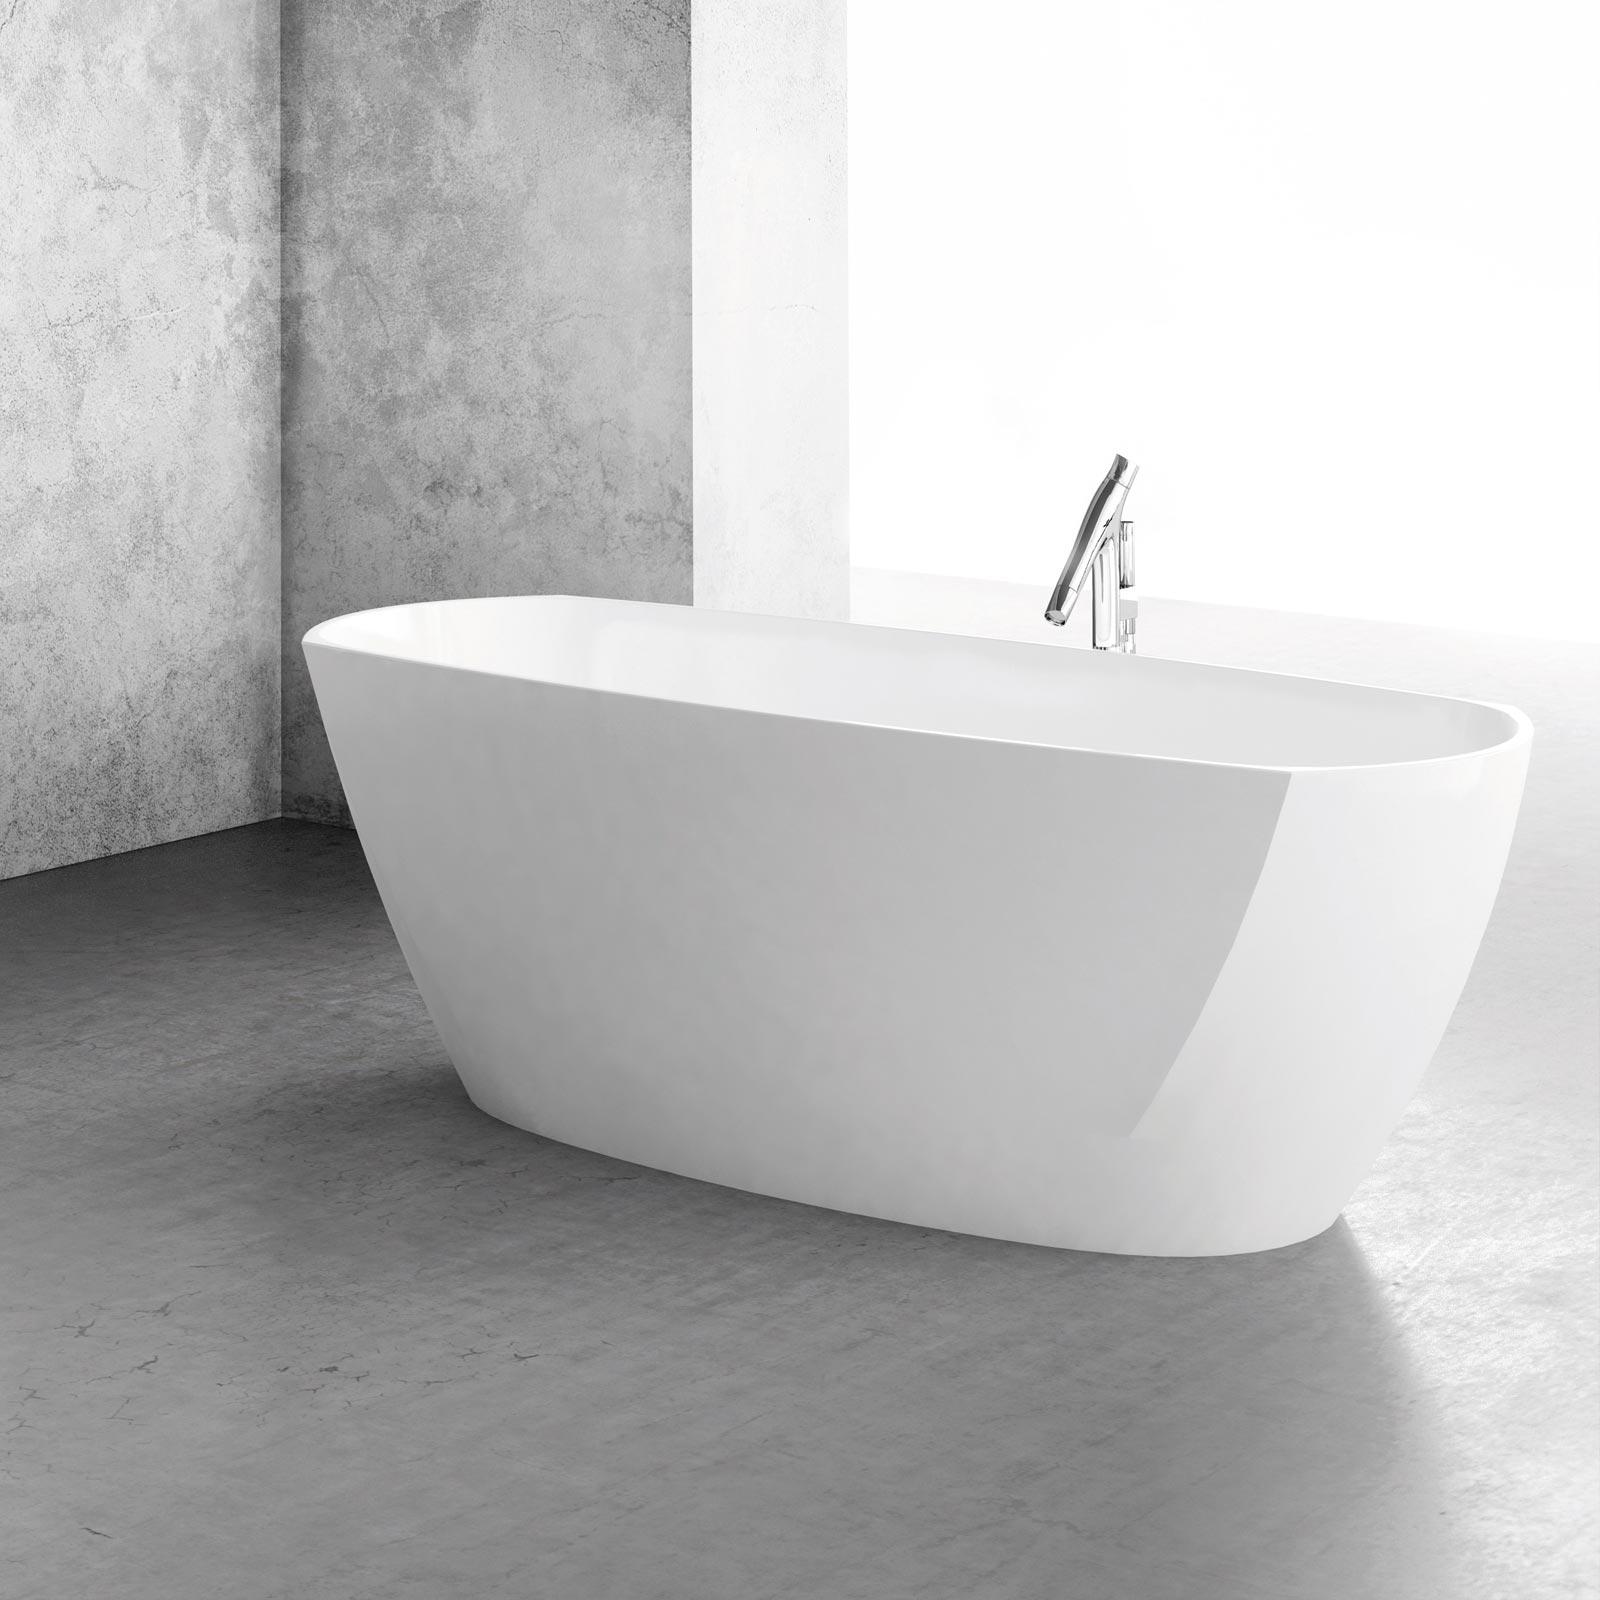 baignoires lots meubles de salle de bains baignoires fabricant fran ais cedam. Black Bedroom Furniture Sets. Home Design Ideas